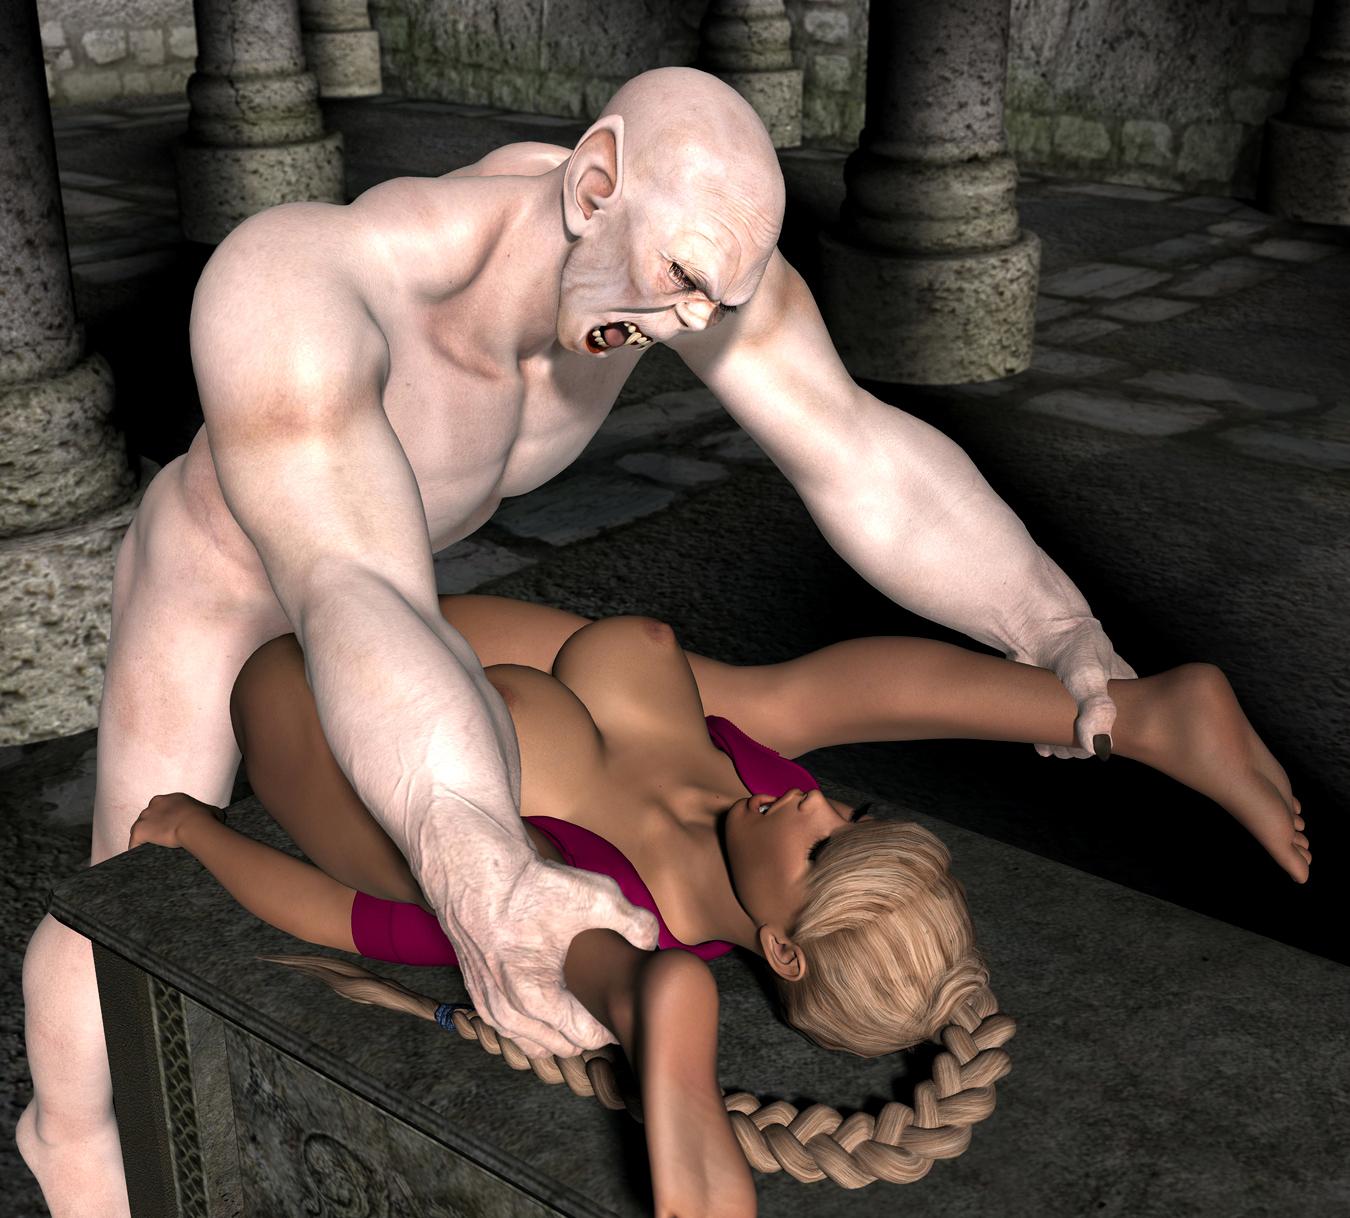 smotret-porno-s-vampirami